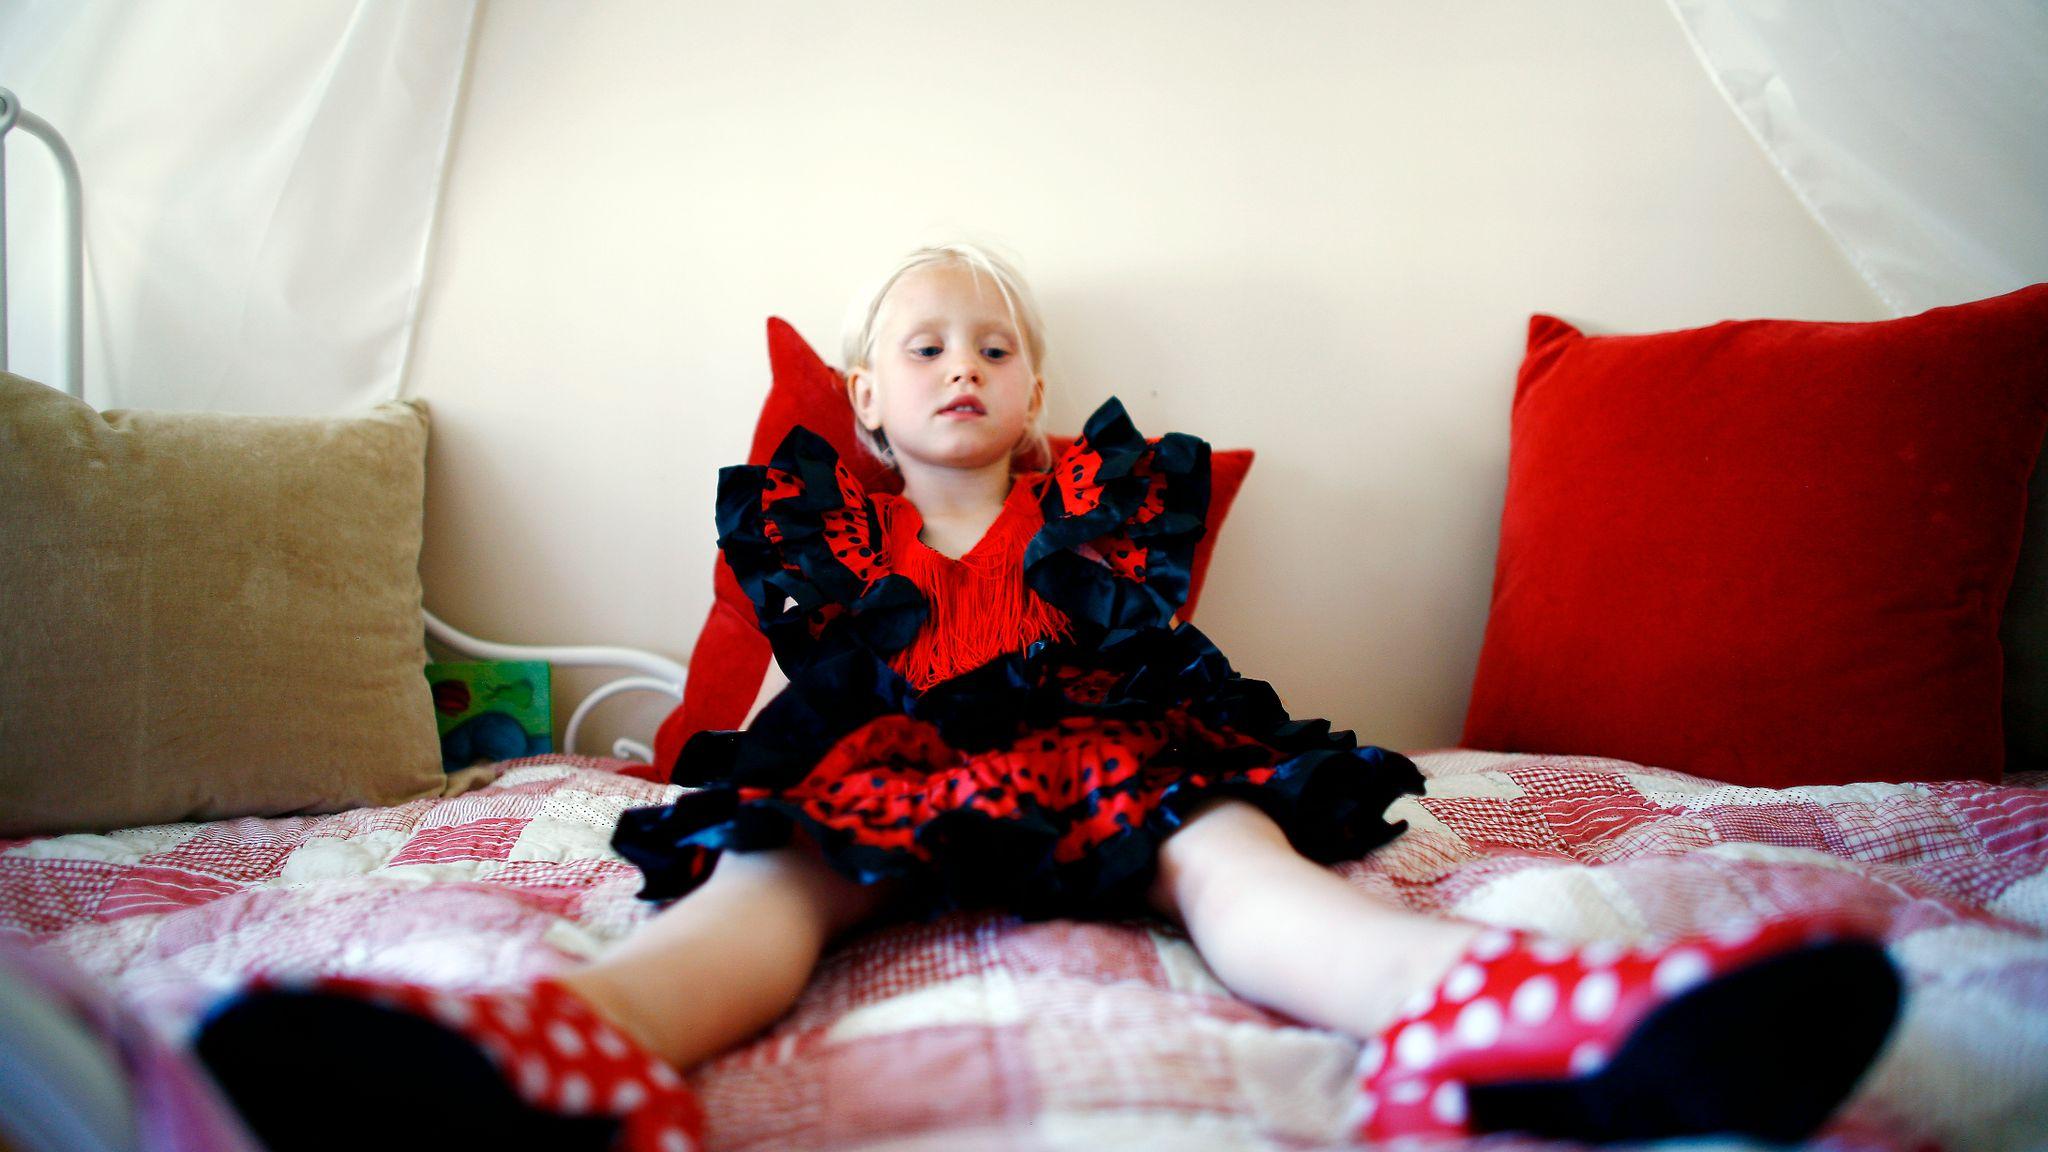 2ccf4cb7 For mye kommentarer om utseende kan føre til at små barn tidlig blir  opptatt av kropp, mener barnepsykolog. Illustrasjonsbilde. Johannessen, Sara